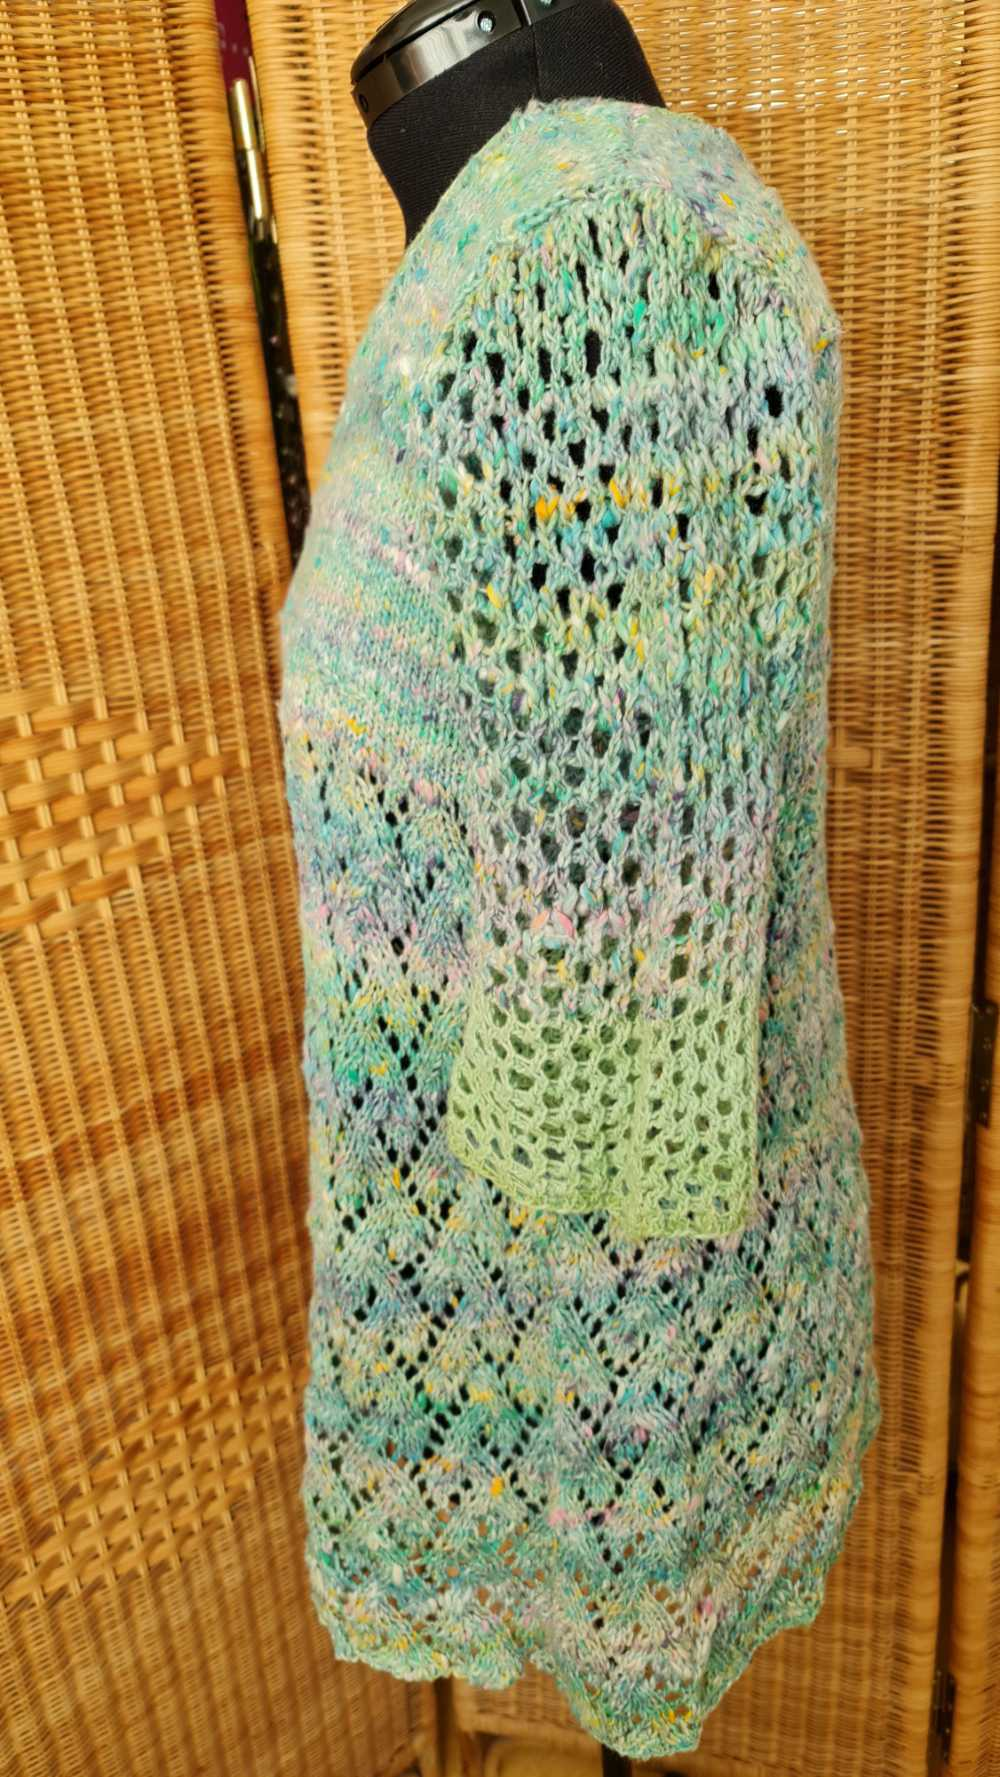 Seitenansicht vom Pulli aus Noro Kakigori #13 Farbe Fukuyama und Noro Sonata # #26 Farbe Jade auf der Schneiderpuppe in seiner vollen Pracht. Foto und Design: Katrin Walter – Noromaniac